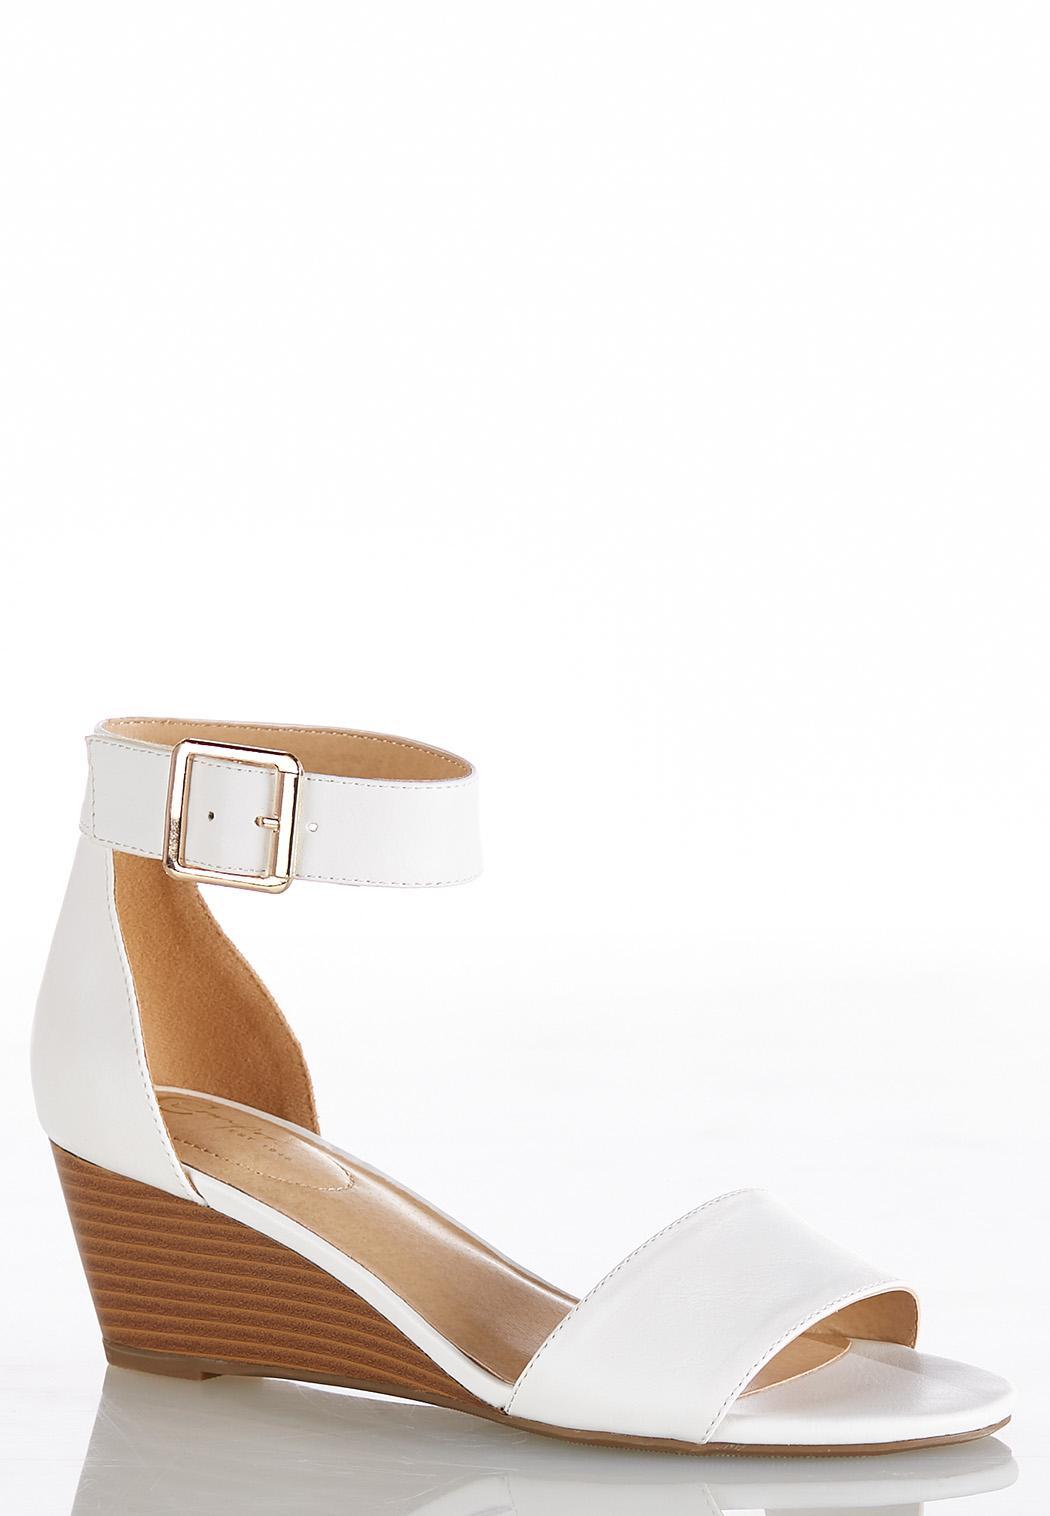 Ankle Strap Wedge Heels